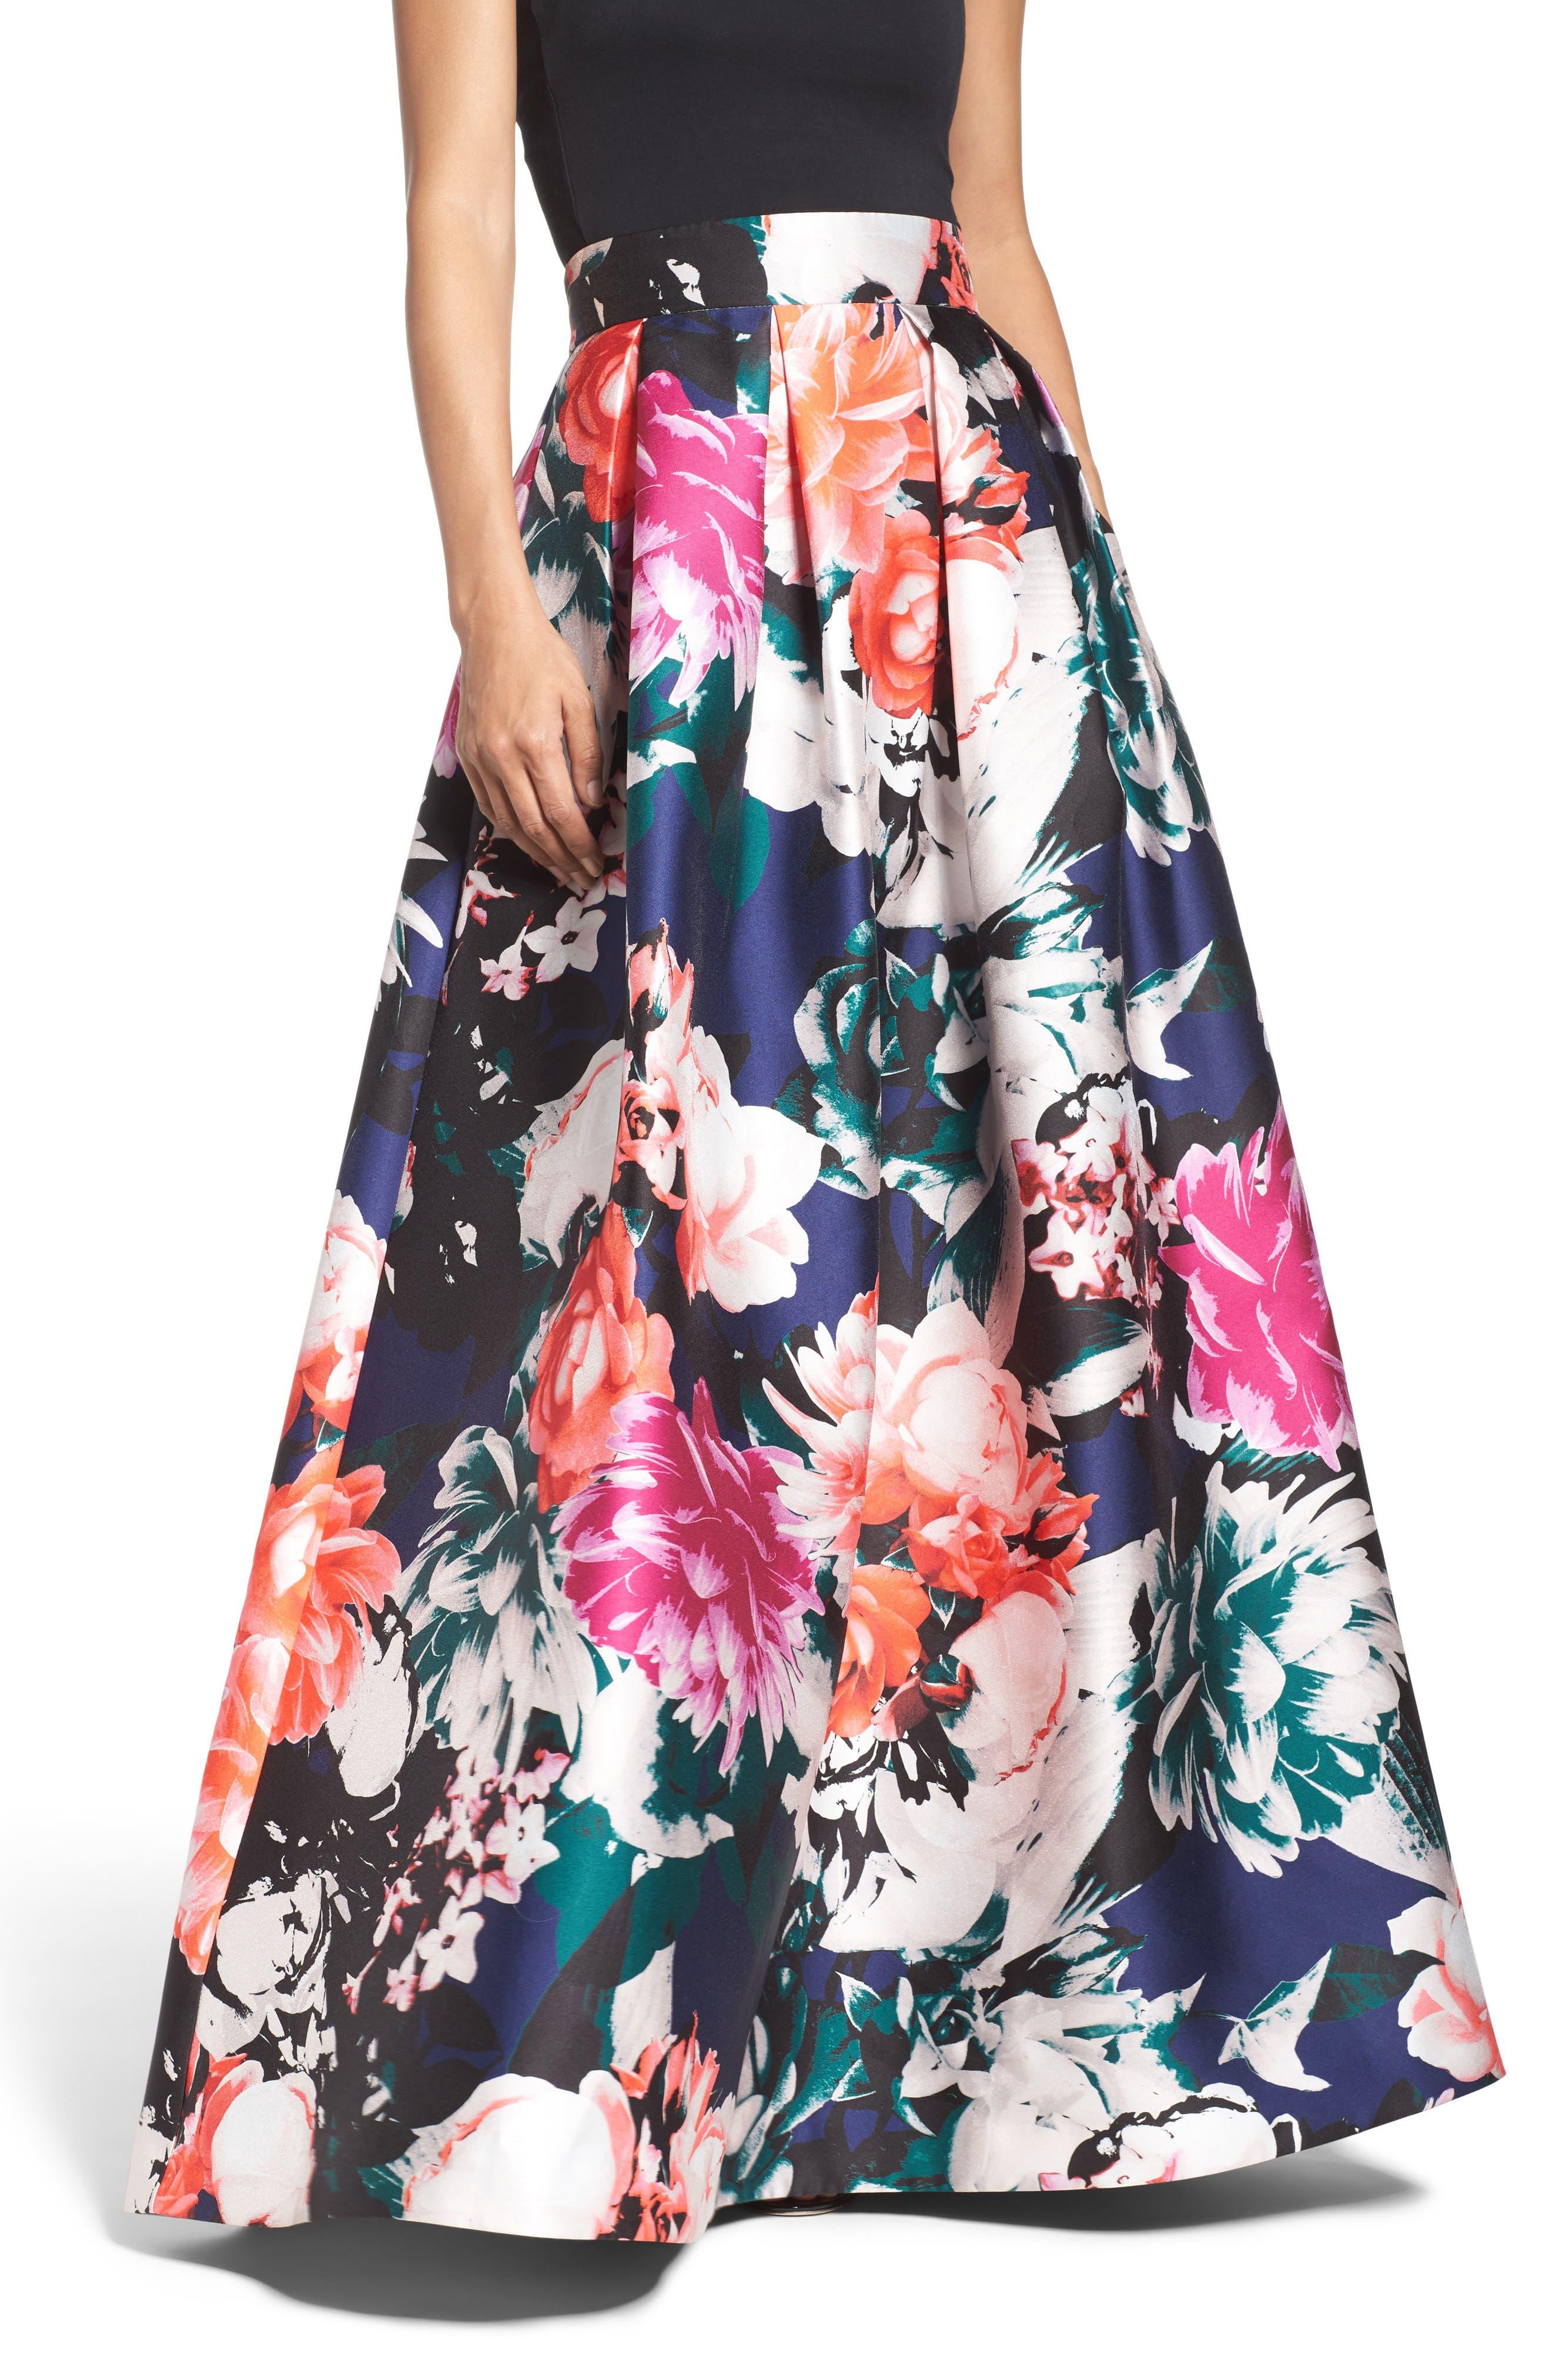 Alternate Image 1 Selected - Eliza J Floral Ball Skirt